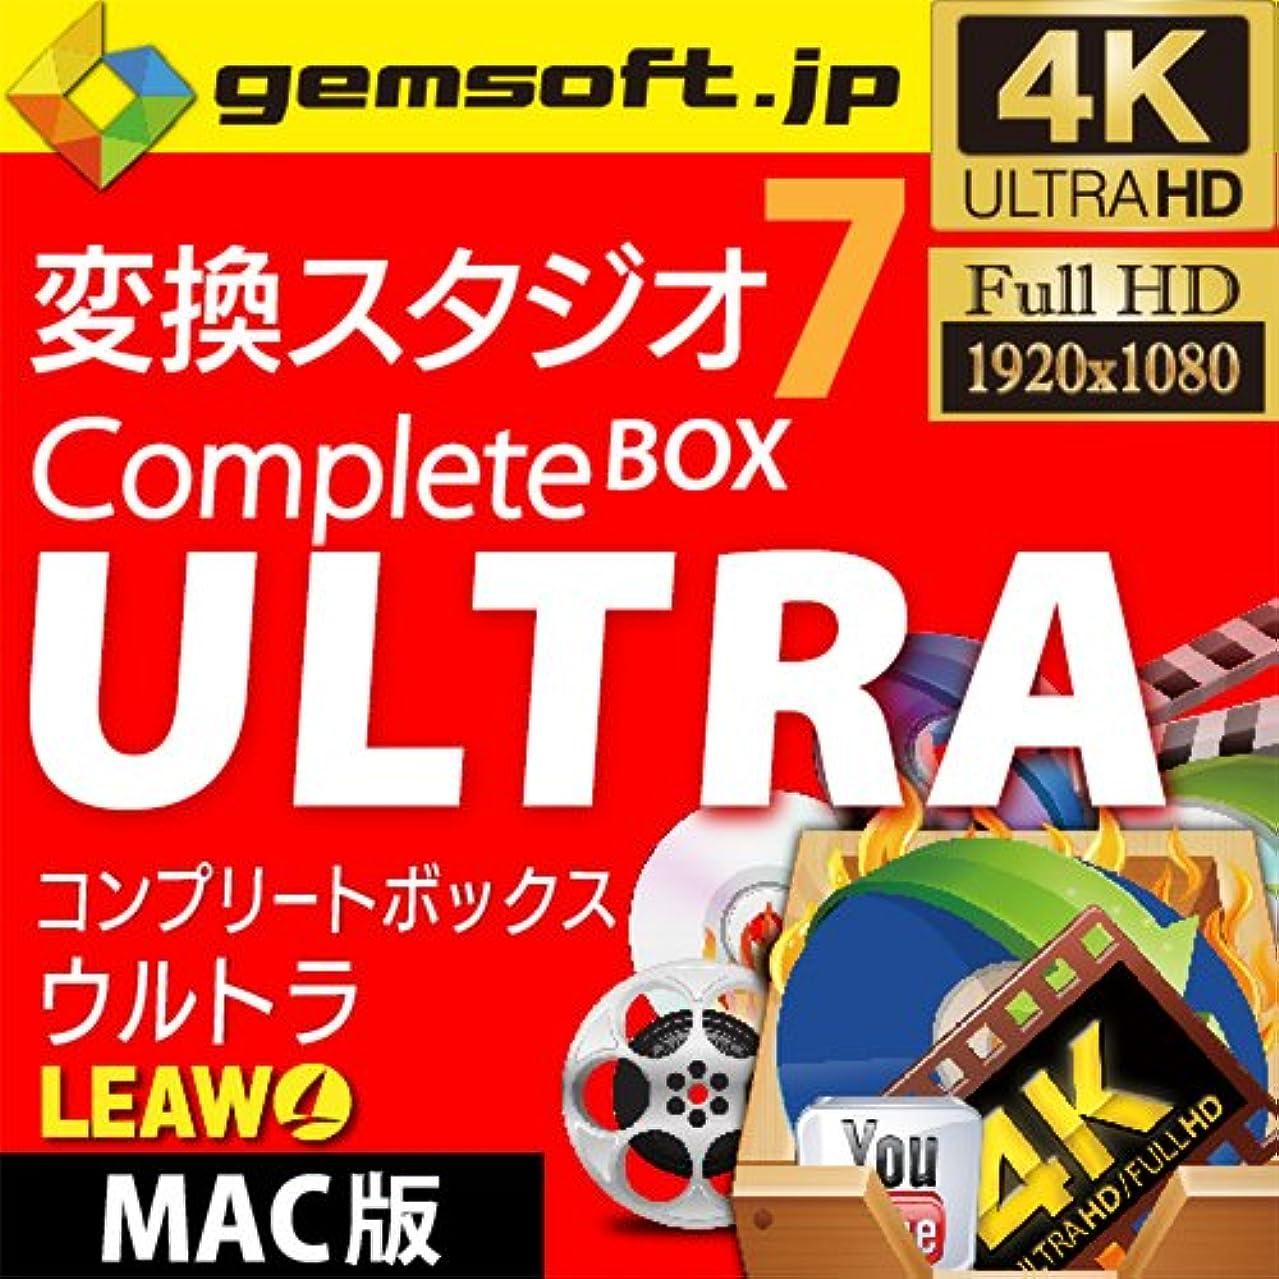 九時四十五分手錠に同意する変換スタジオ 7 Complete BOX ULTRA (Mac版) ダウンロード版